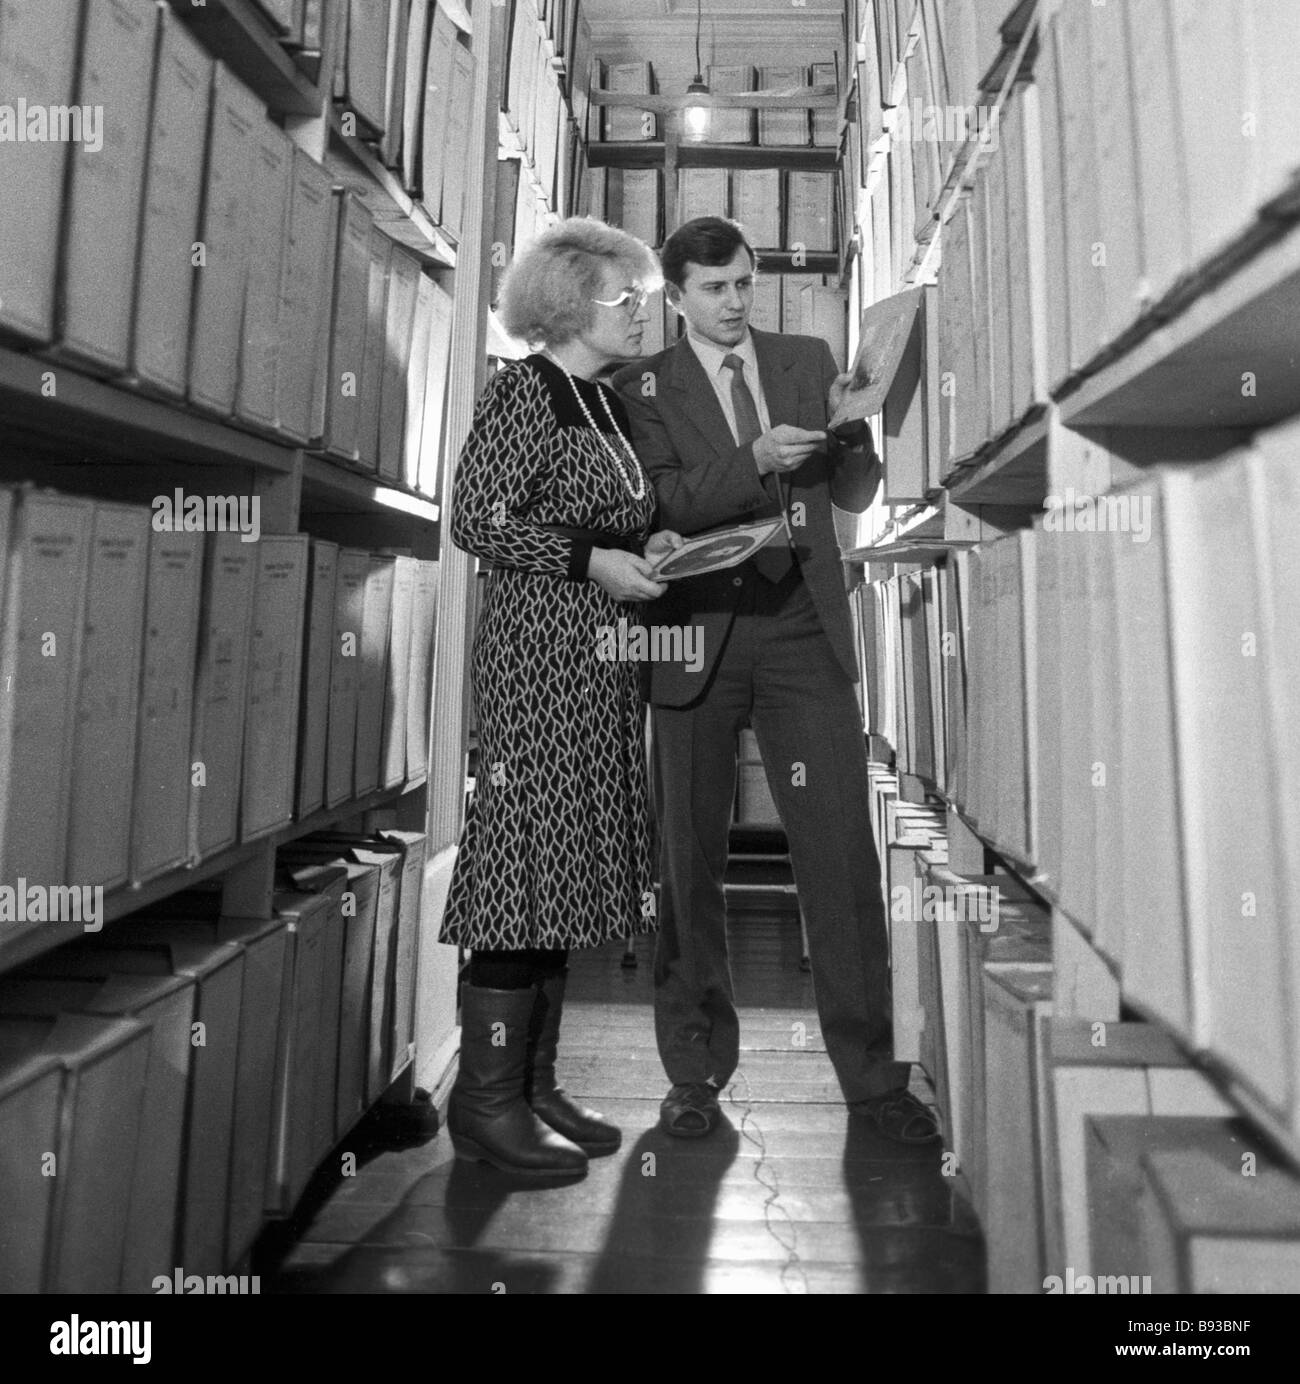 El personal del departamento de trabajo de la KGB Óblast de Tomsk en el archivo. Imagen De Stock